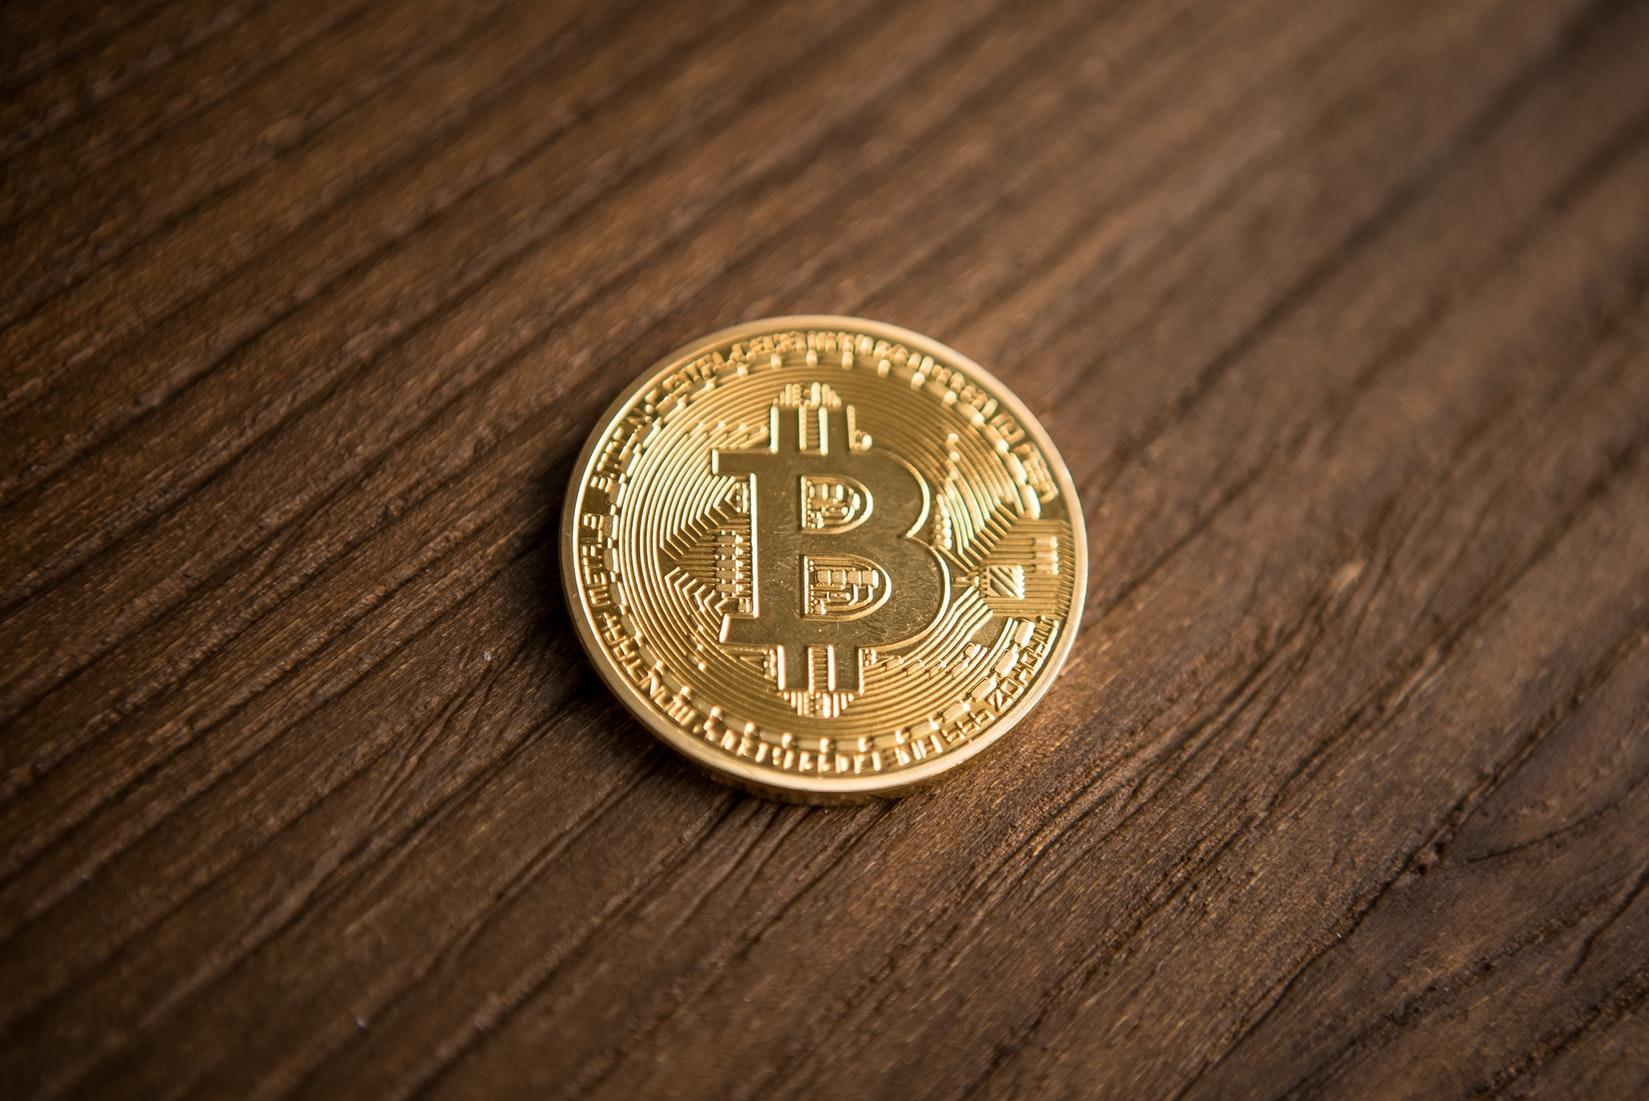 媒体称监管或取缔比特币交易平台 比特币应声跳水